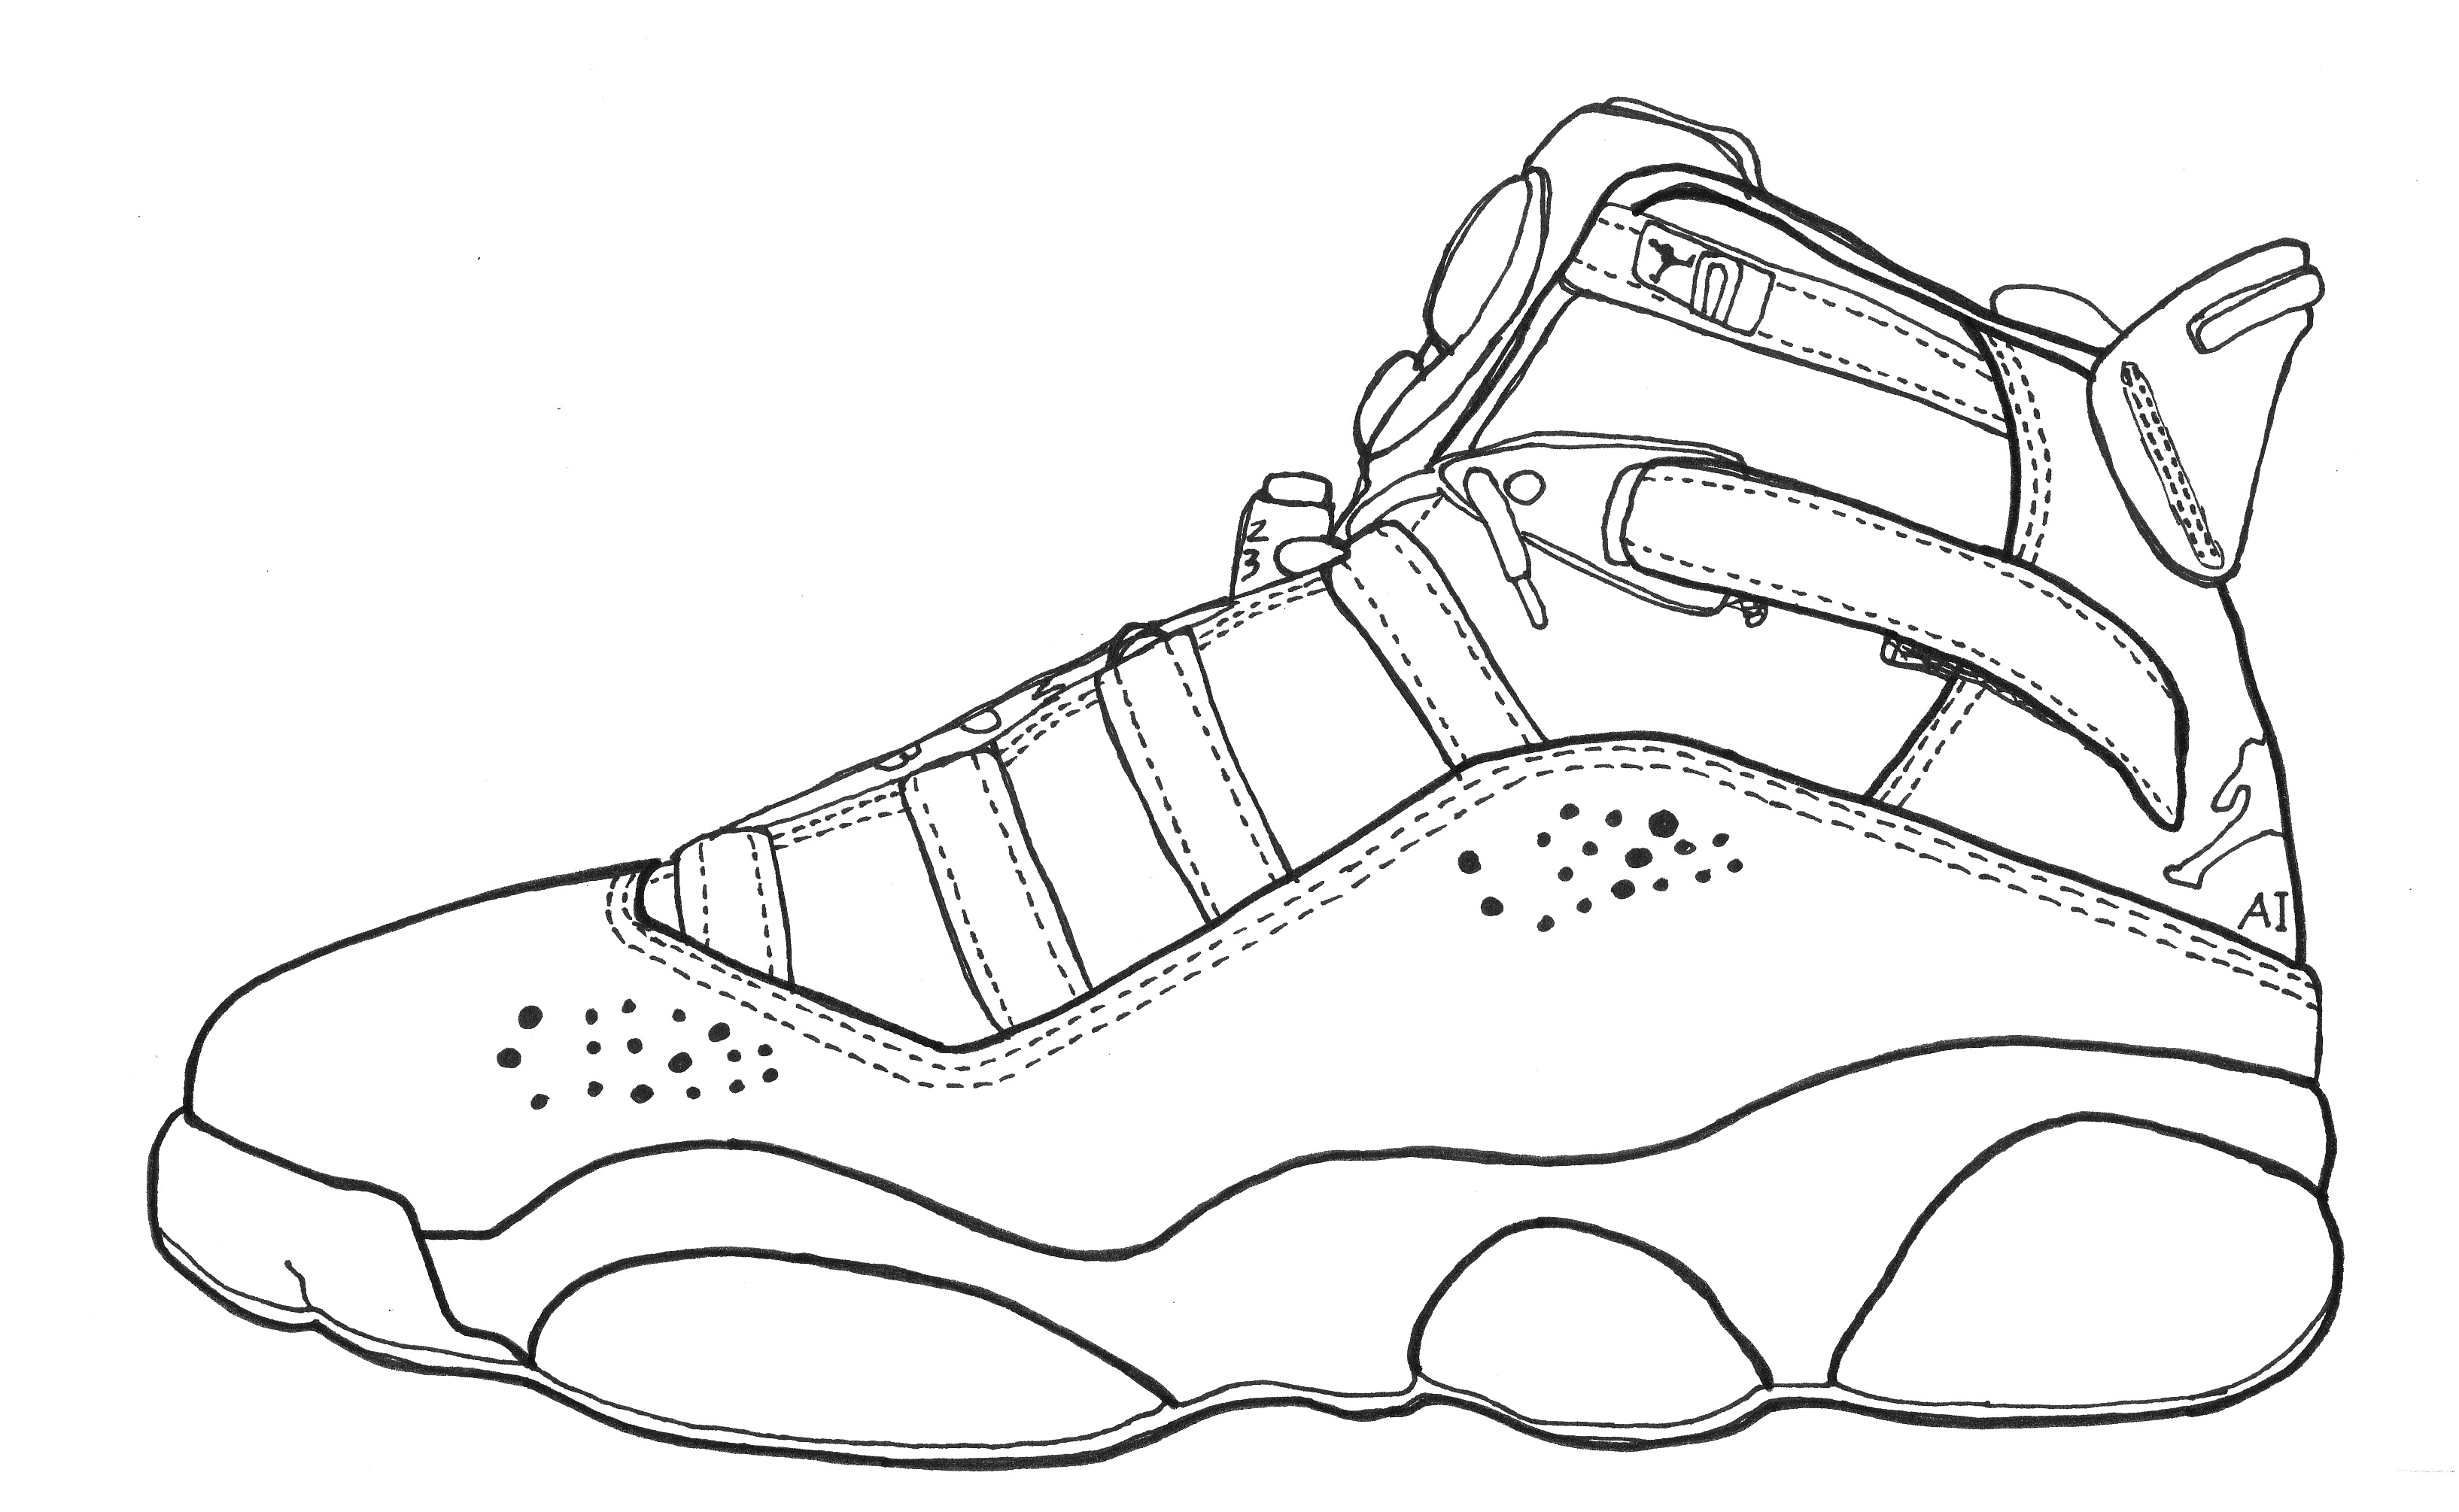 jordan coloring pages shoes - photo#12